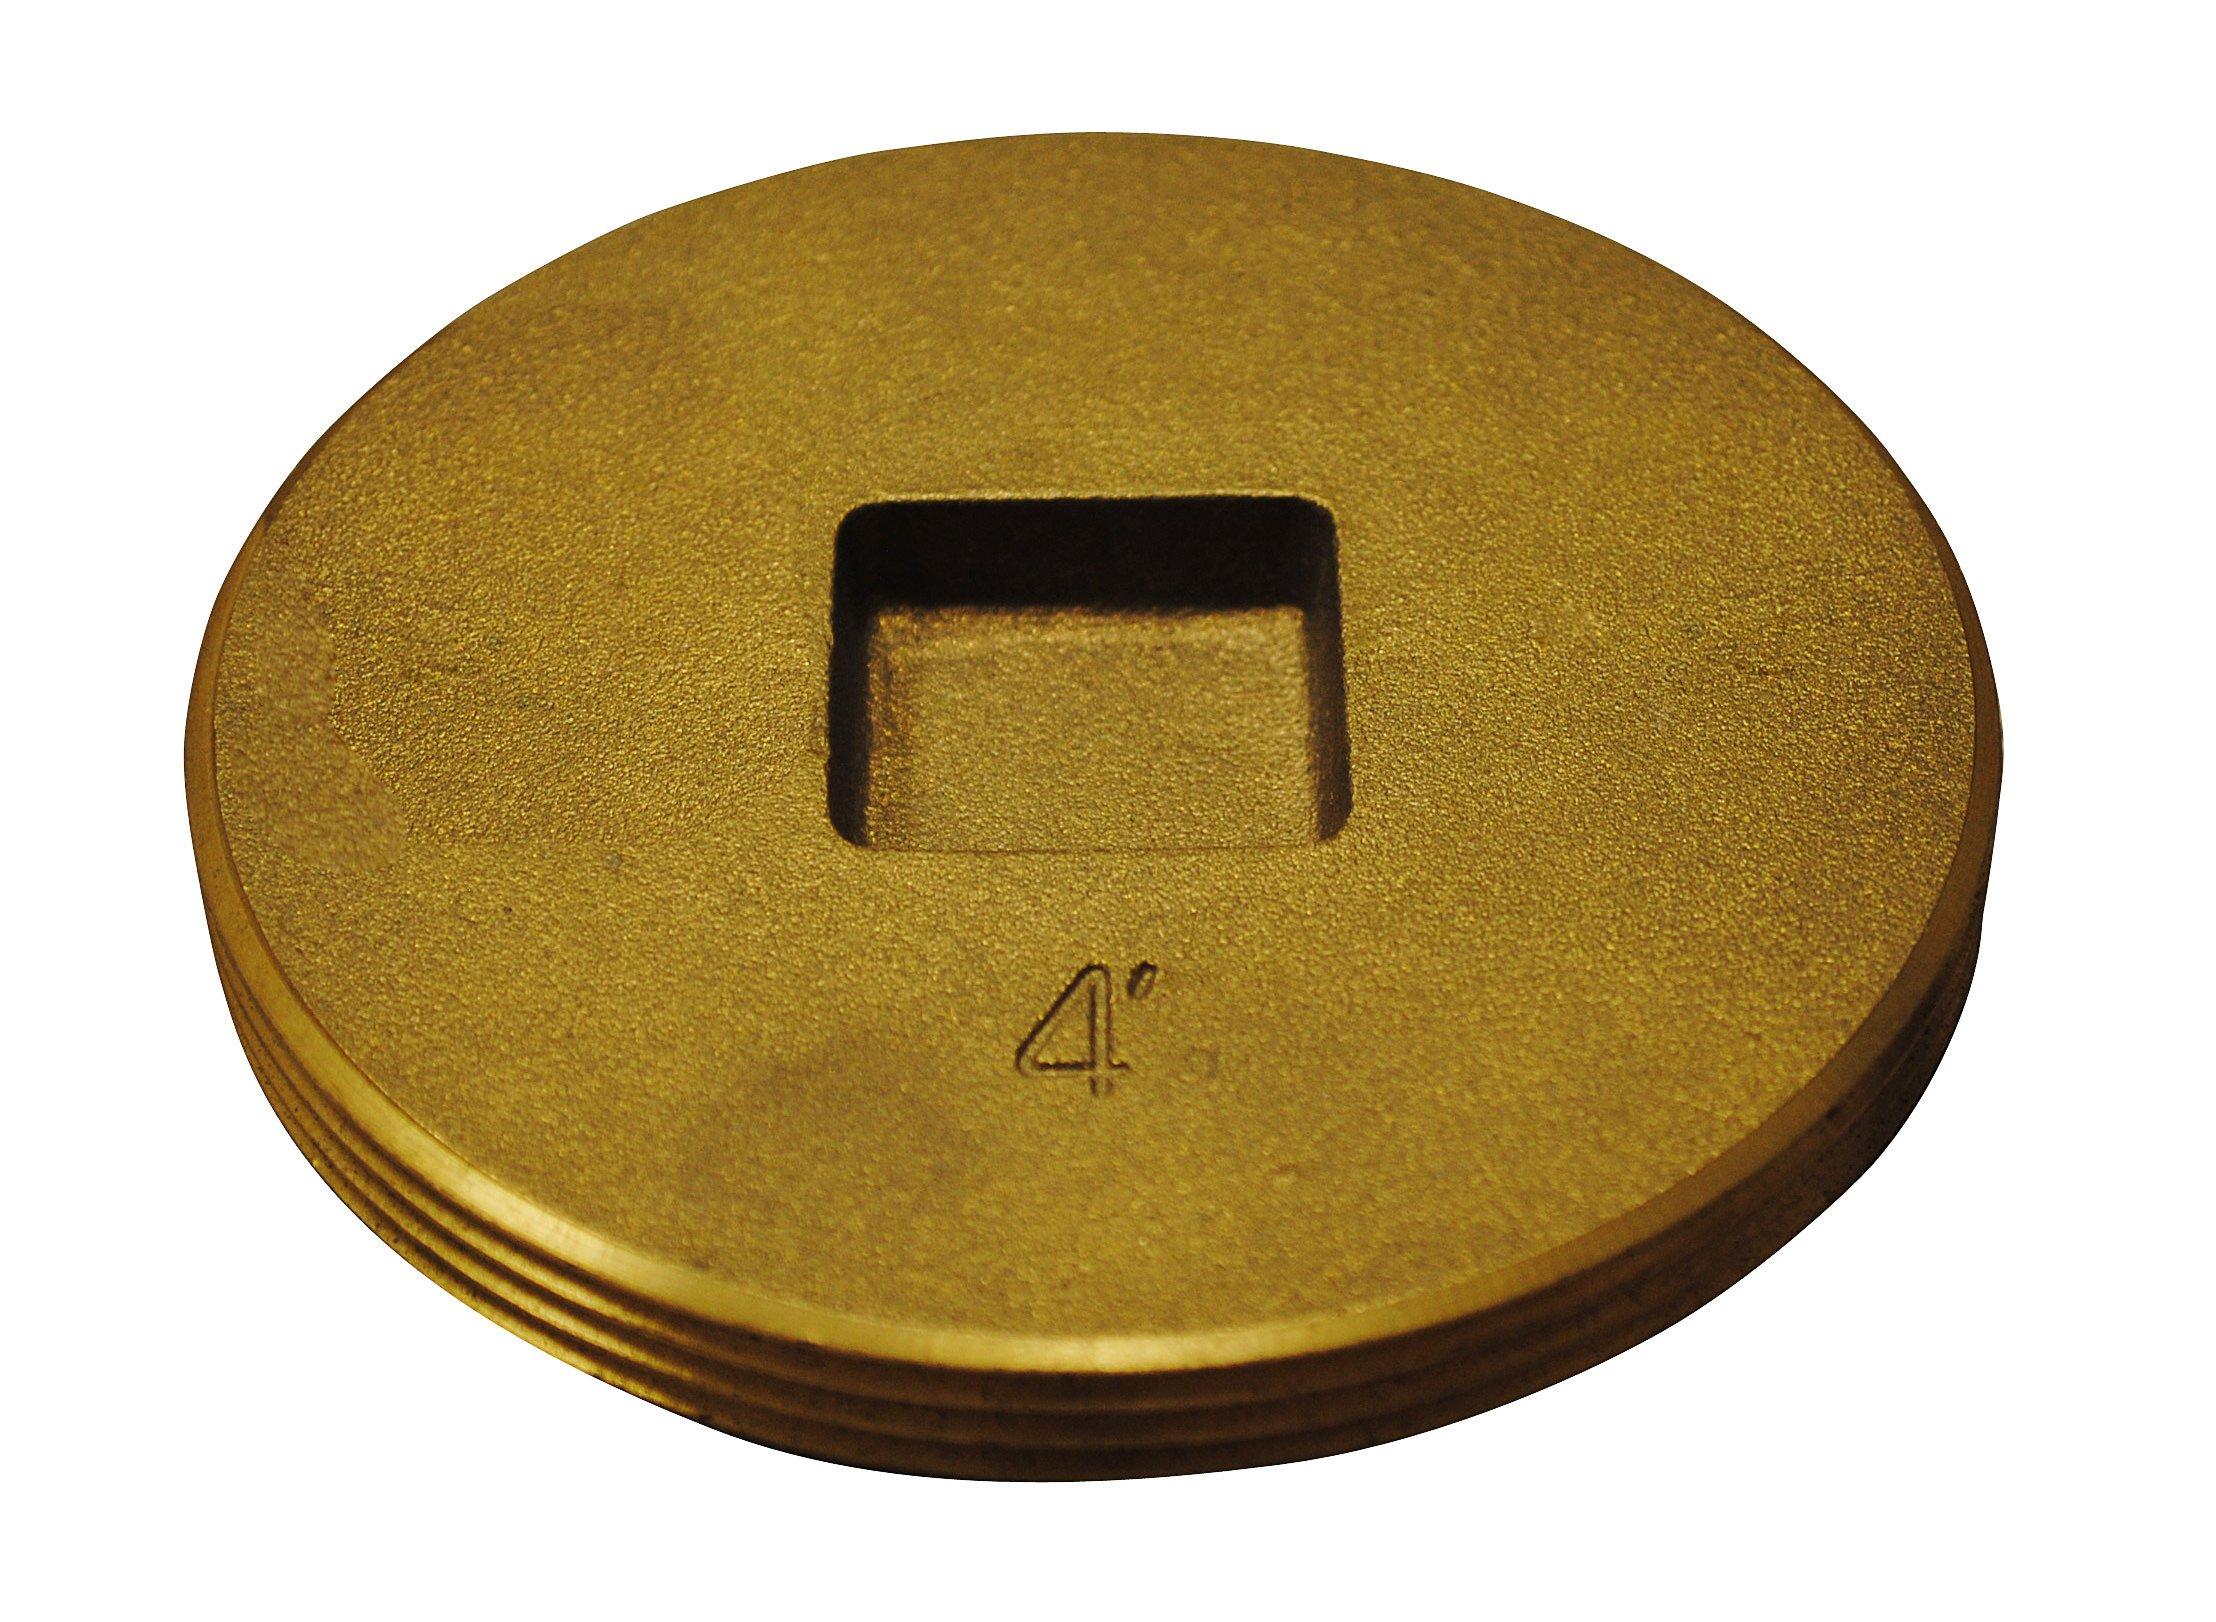 Oatey 42745 Brass Cleanout Plug, 4-Inch